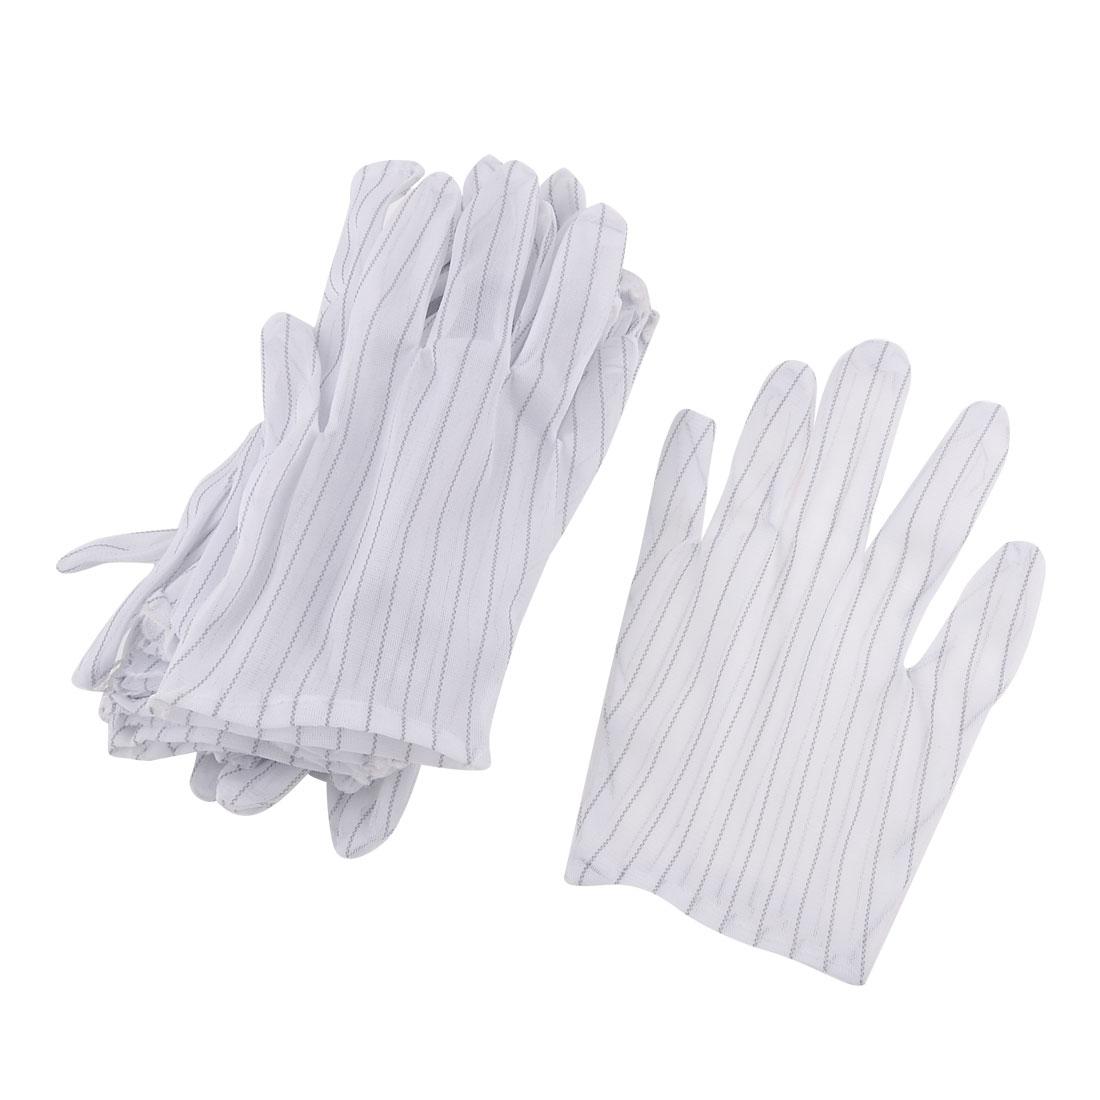 10 Pairs White Full Finger Stripes Pattern Anti-static Worker Long Gloves